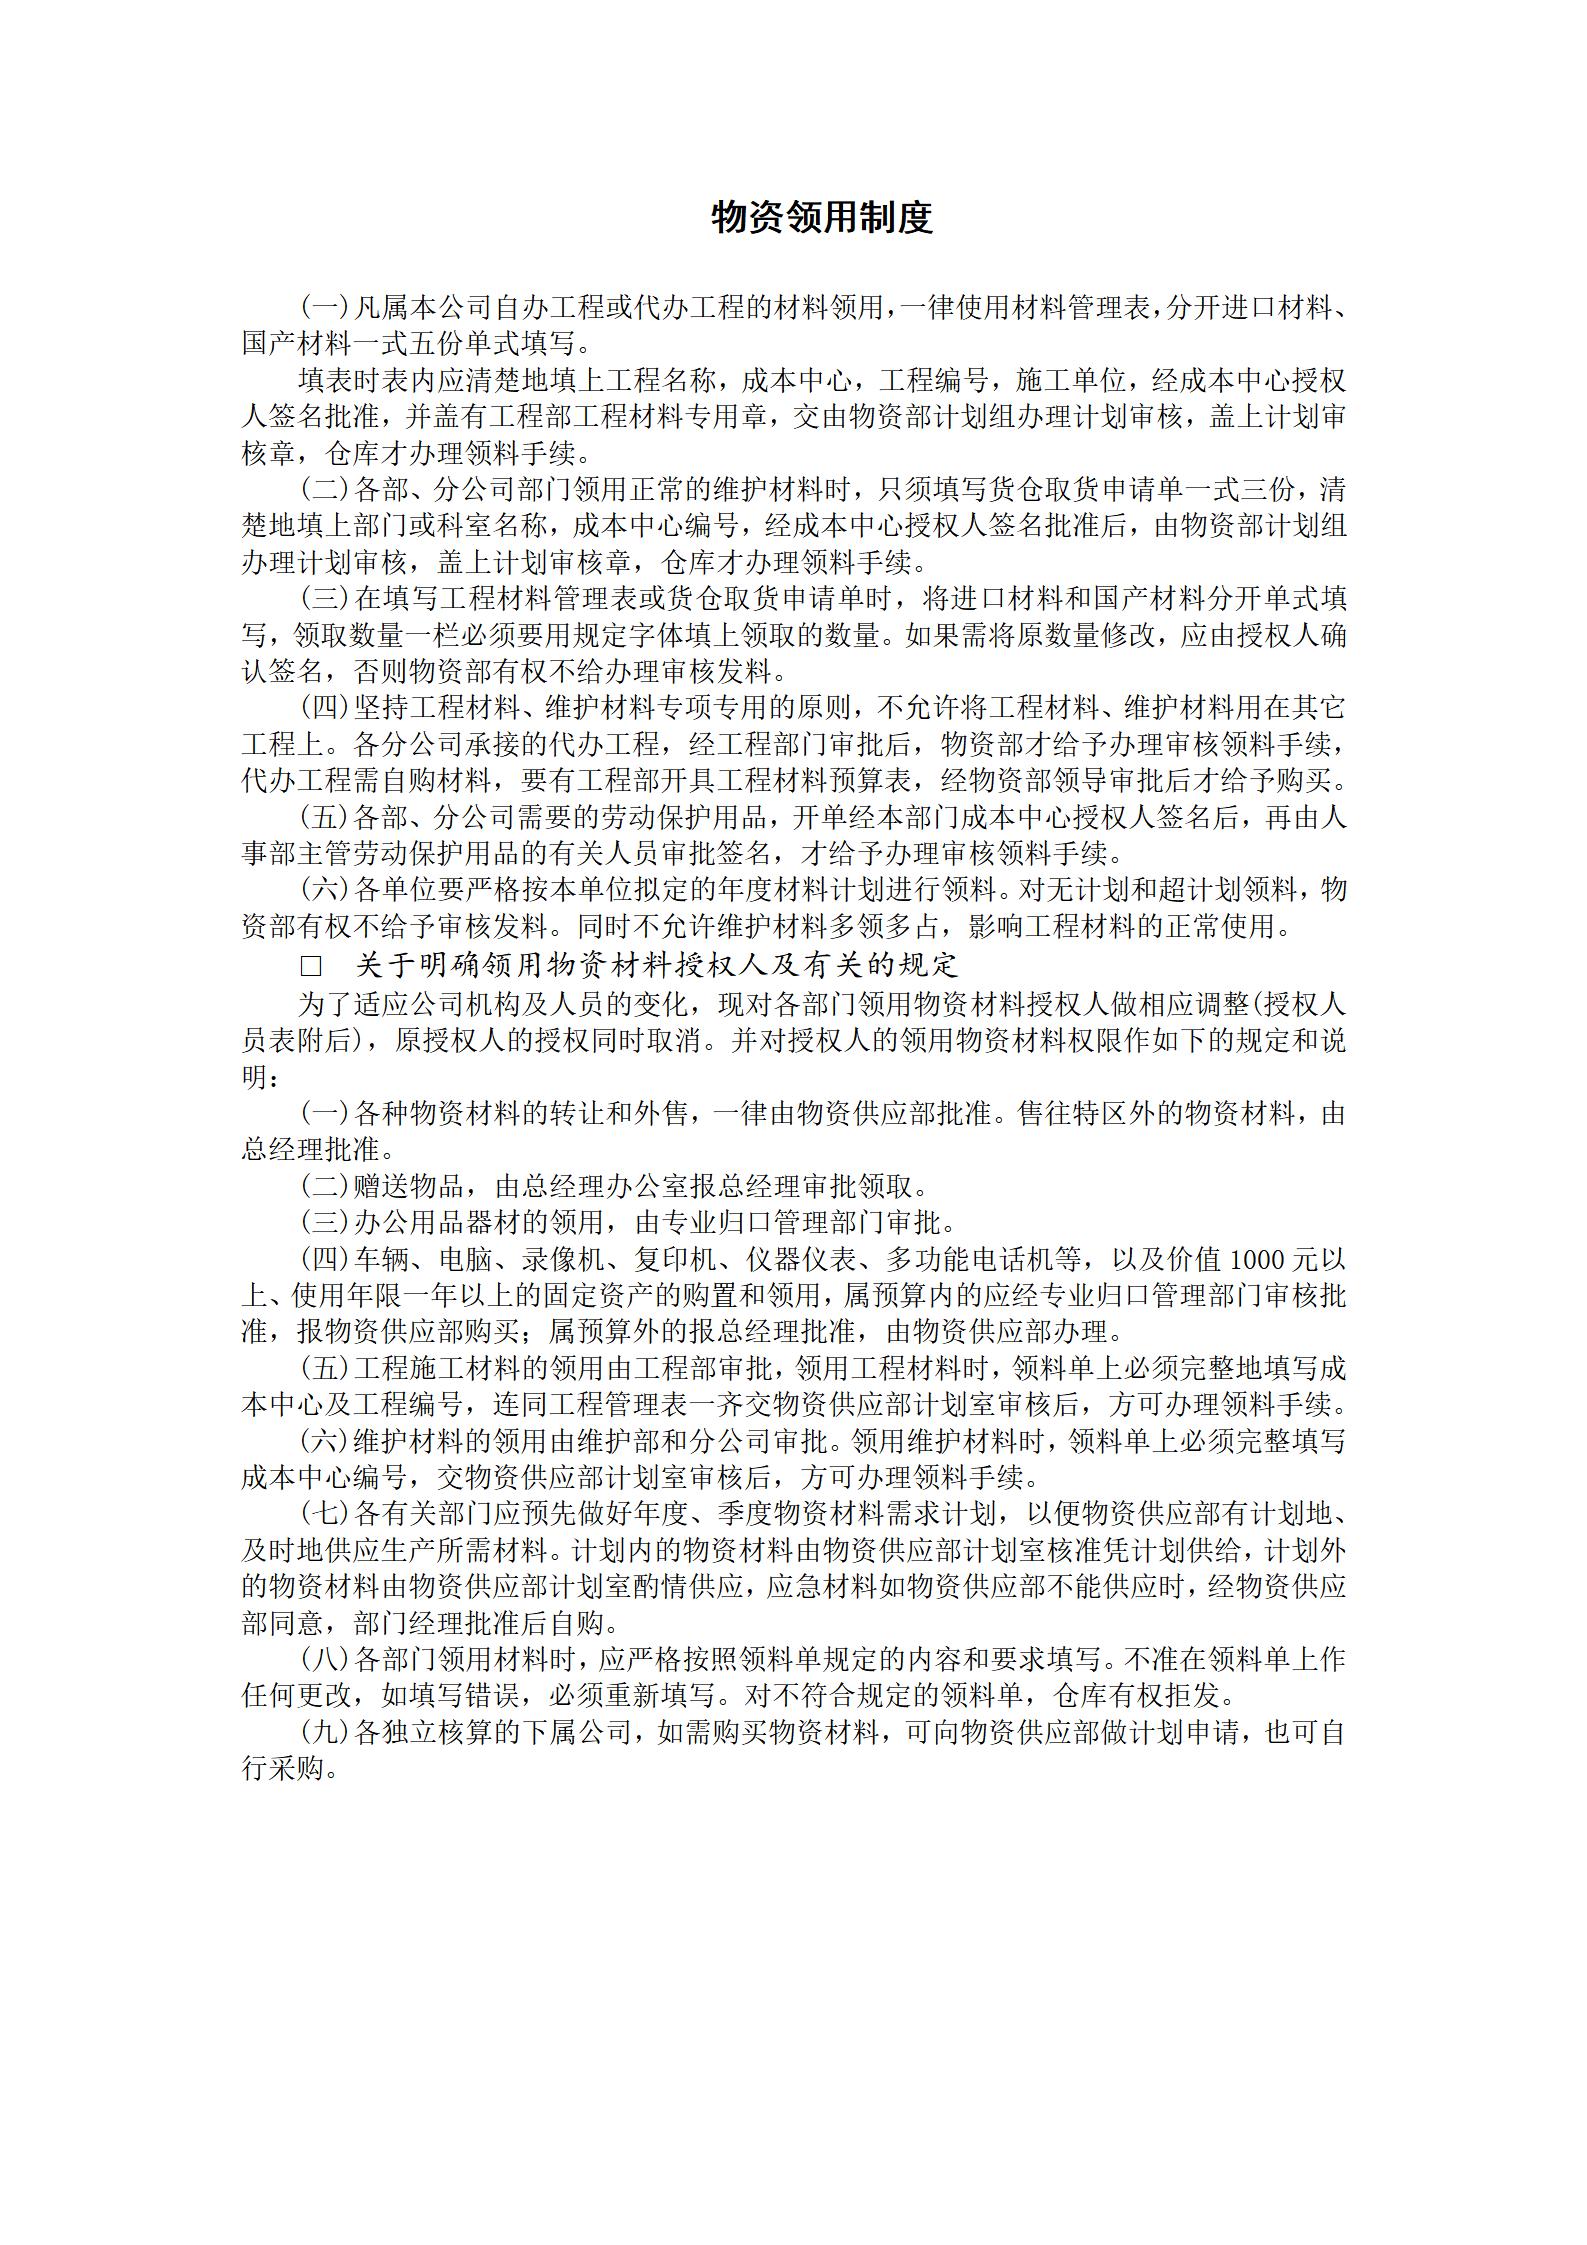 企业仓储管理制度-库存量制度之物资领用制度_01.png